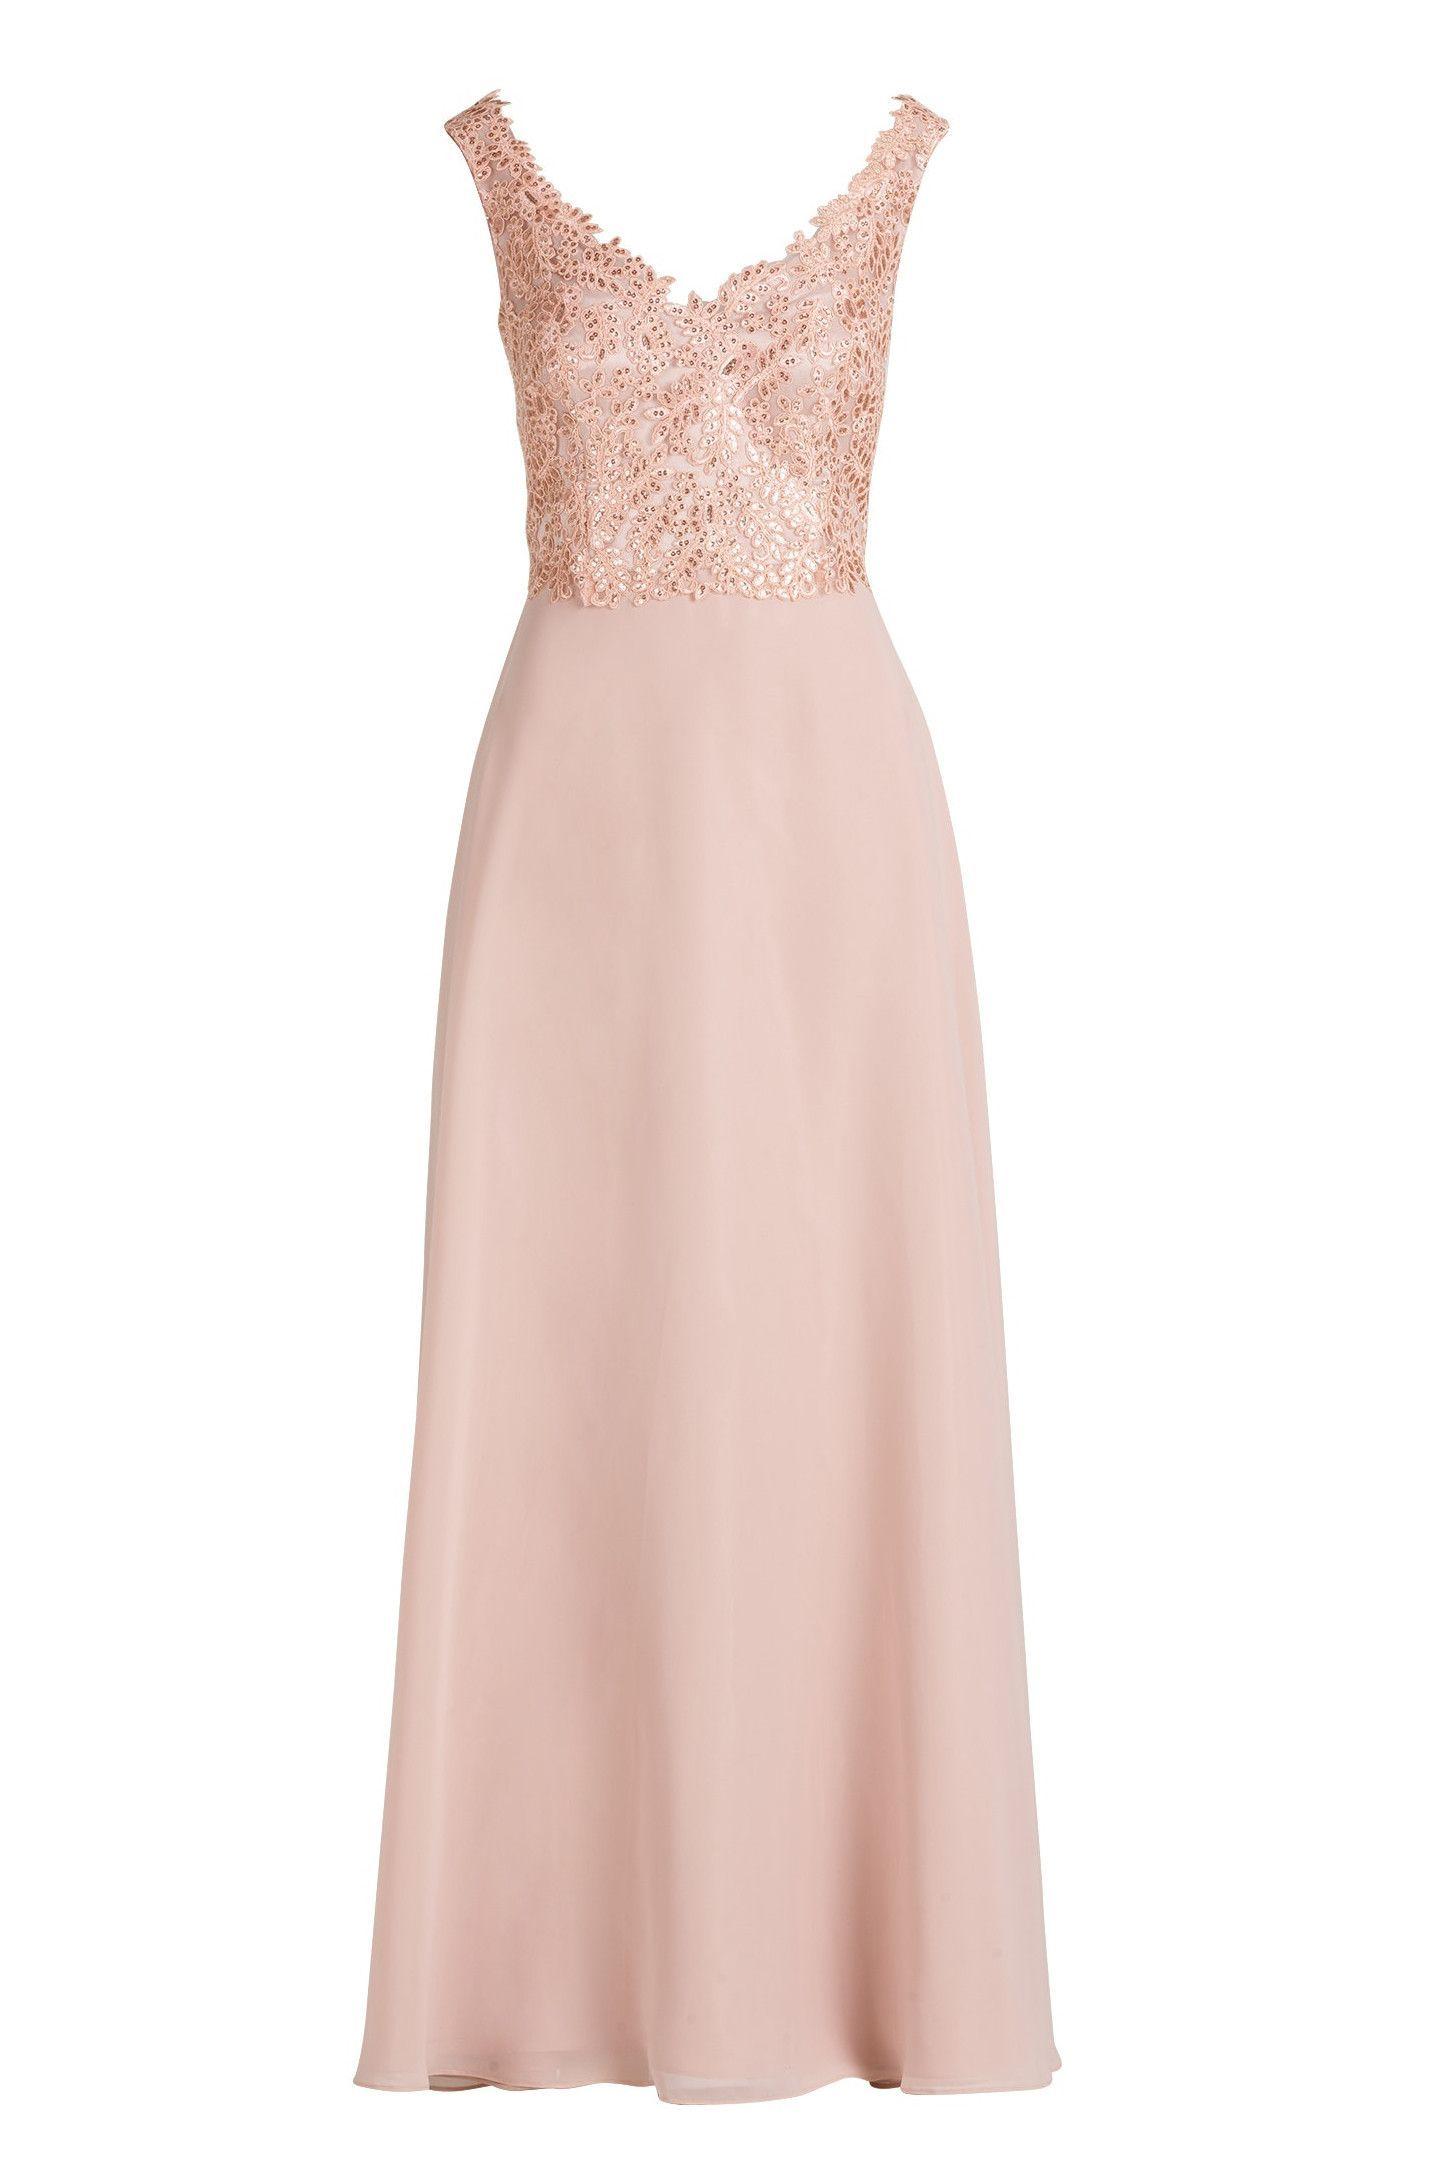 Langes Brautmutterkleid Abendkleid Altrosa Vera Mont Mode Bosckens In 2020 Abendkleid Abendkleid Altrosa Kleider